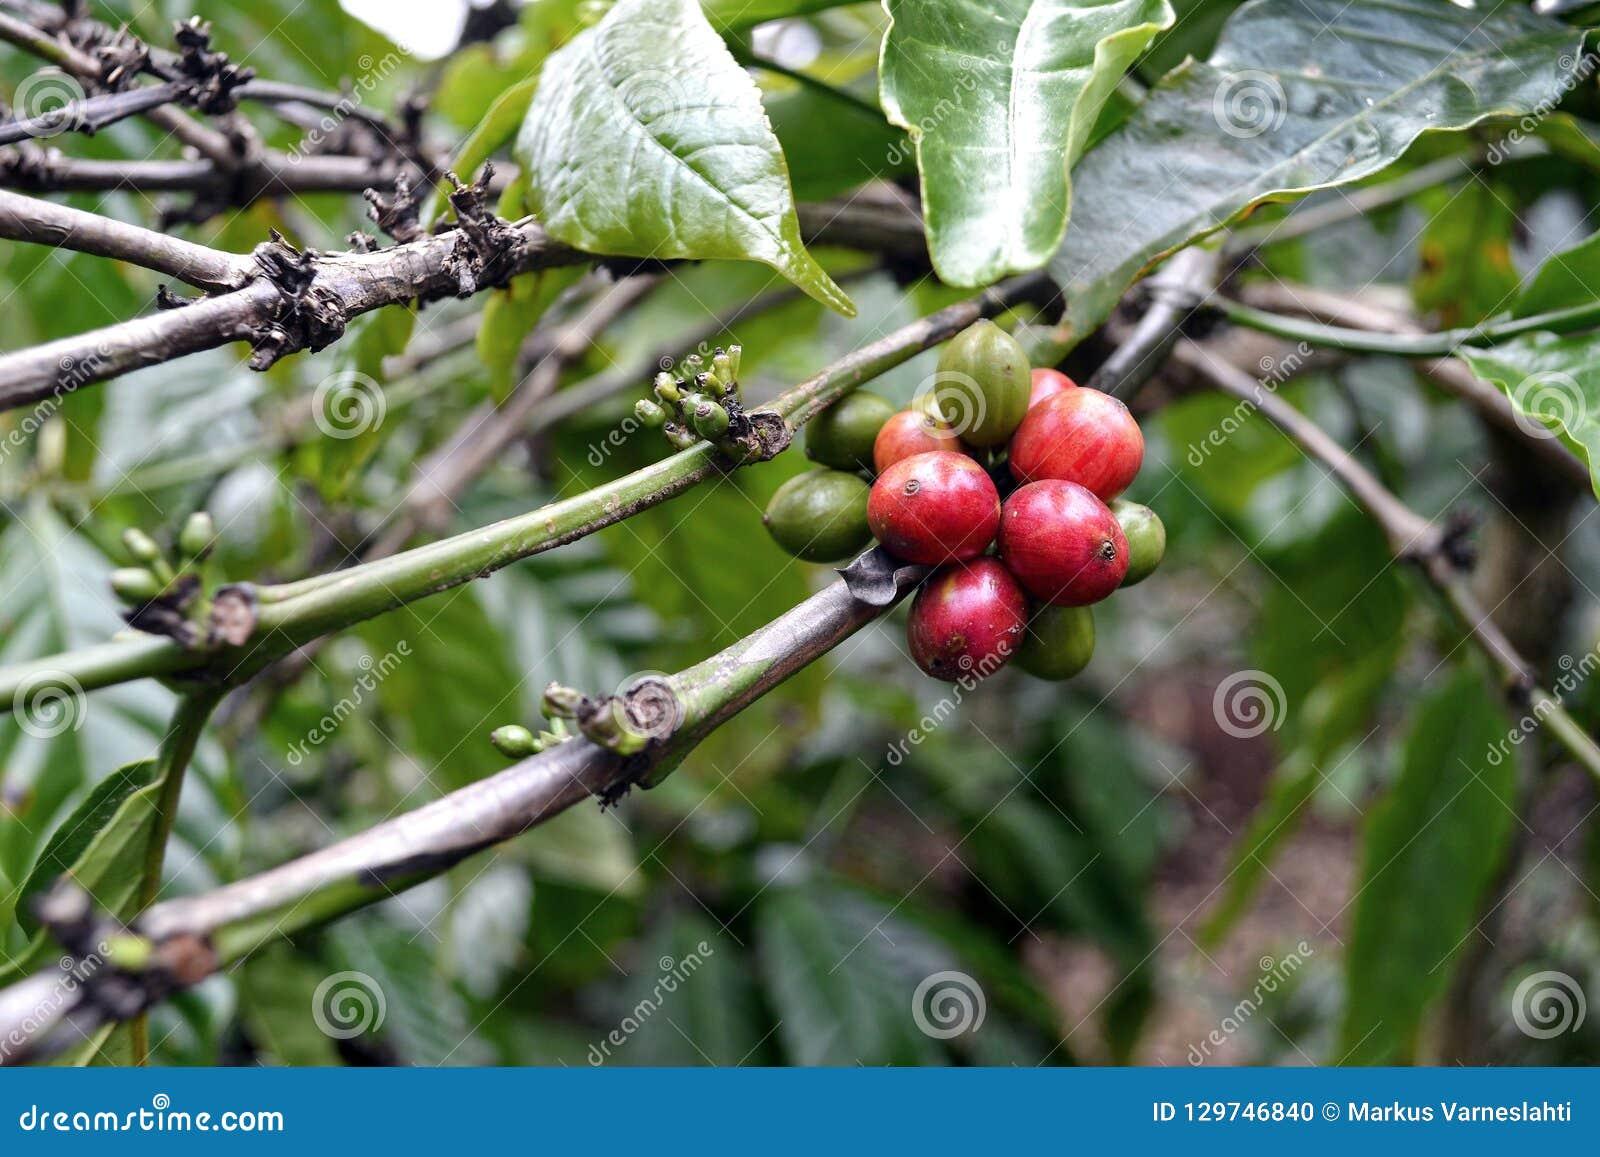 Ώριμος robusta σπόρος καφέ